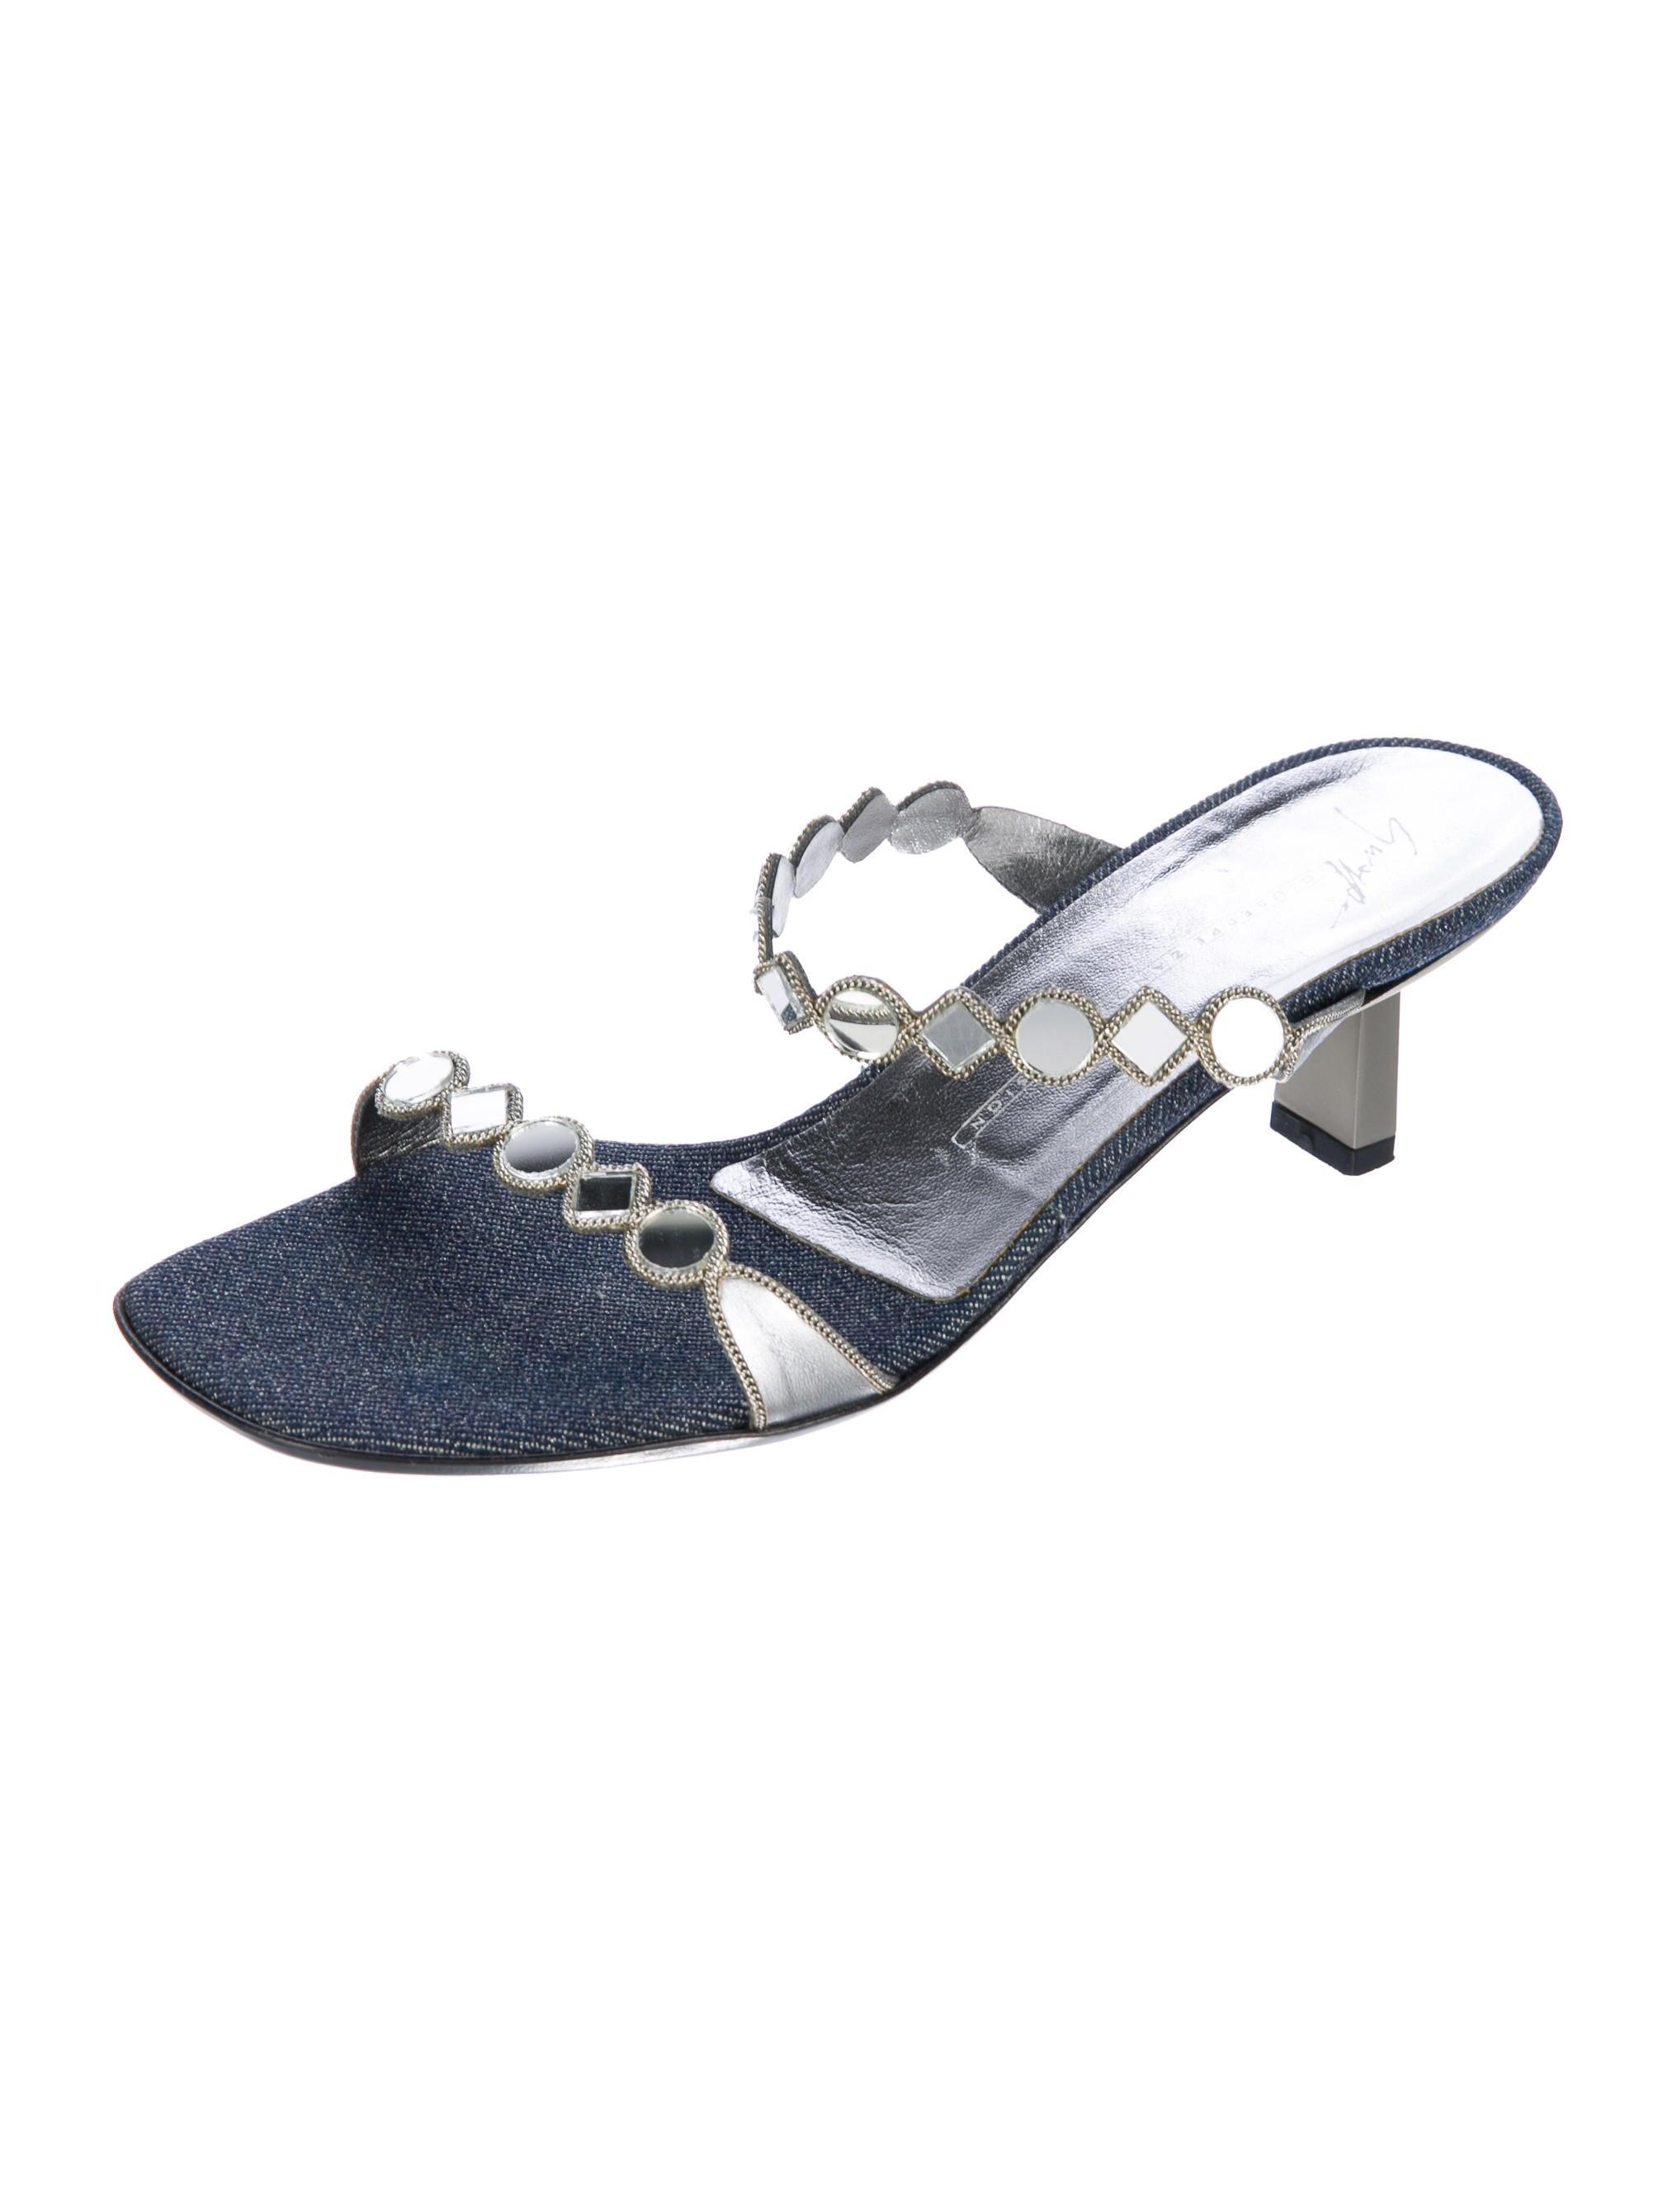 Giuseppe Zanotti Lola 45 Slide Sandals clearance ebay vR8X771fLb